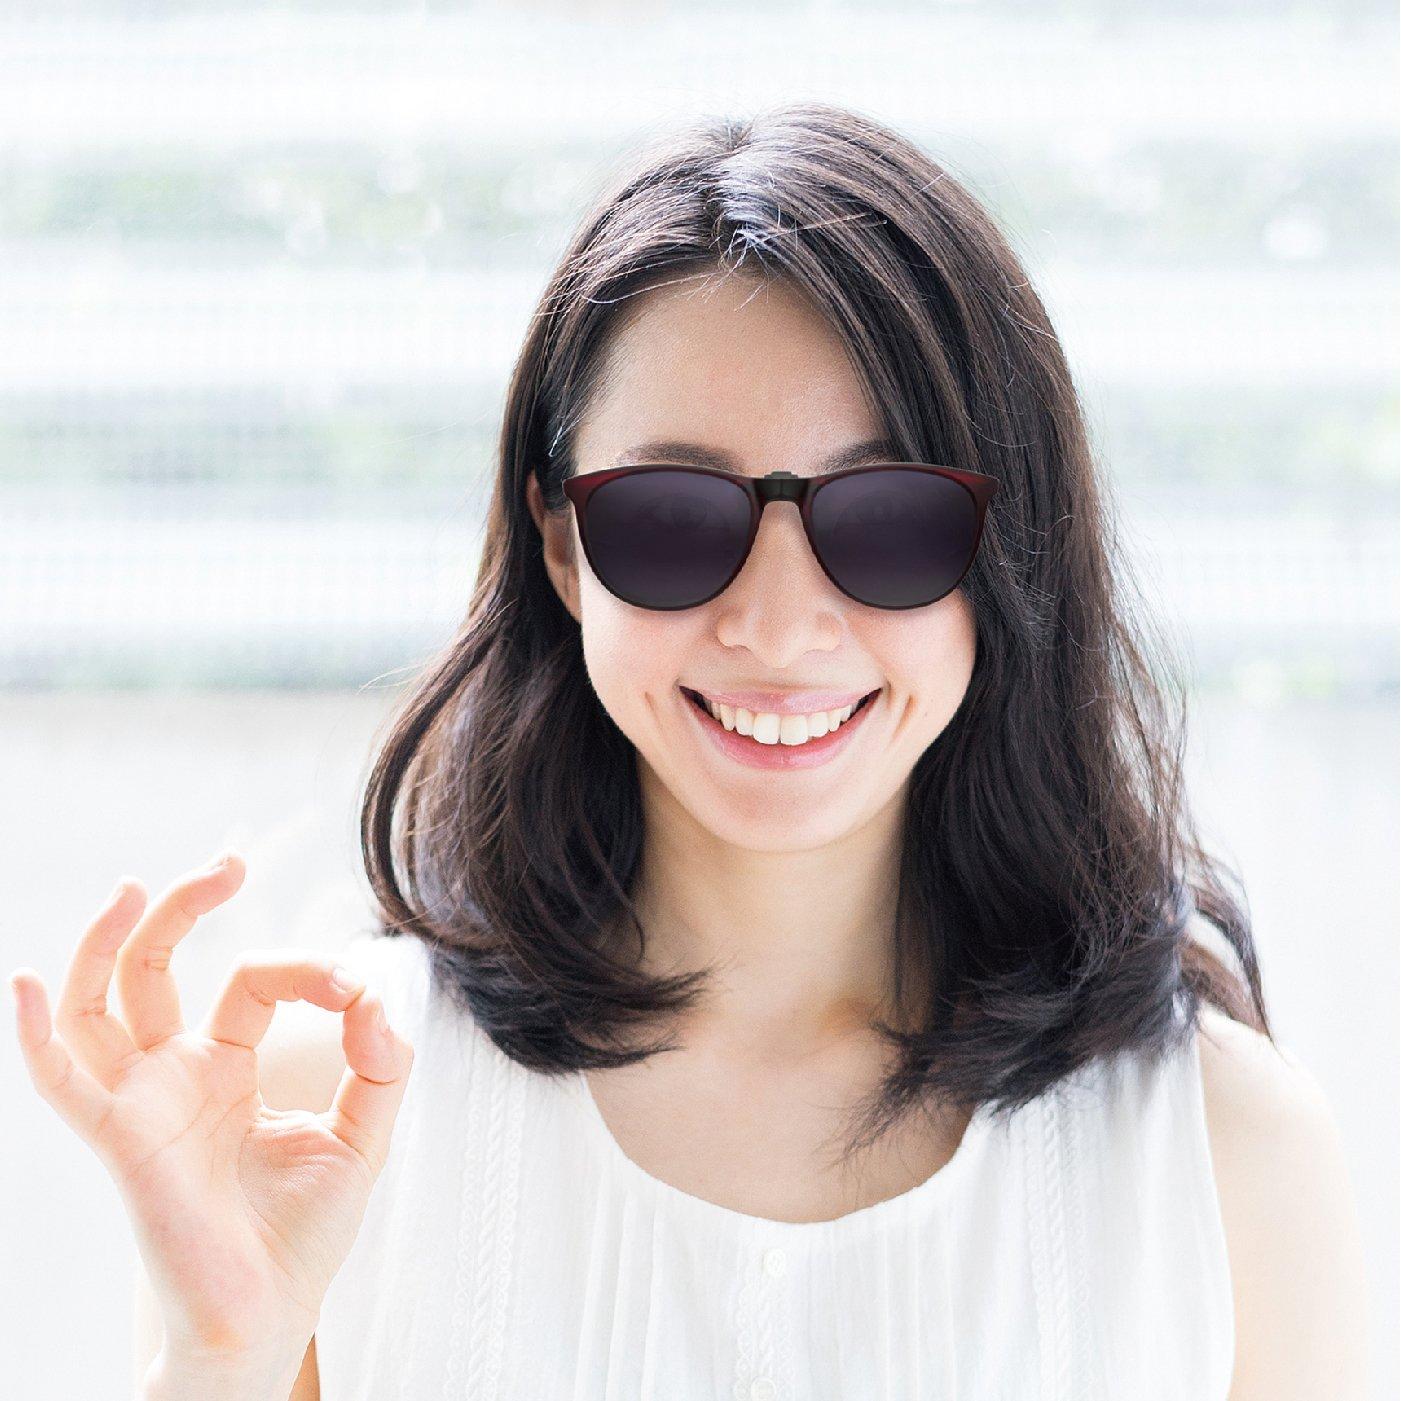 いつものメガネに簡単装着!グリーングラス 折りたたみクリップサングラス